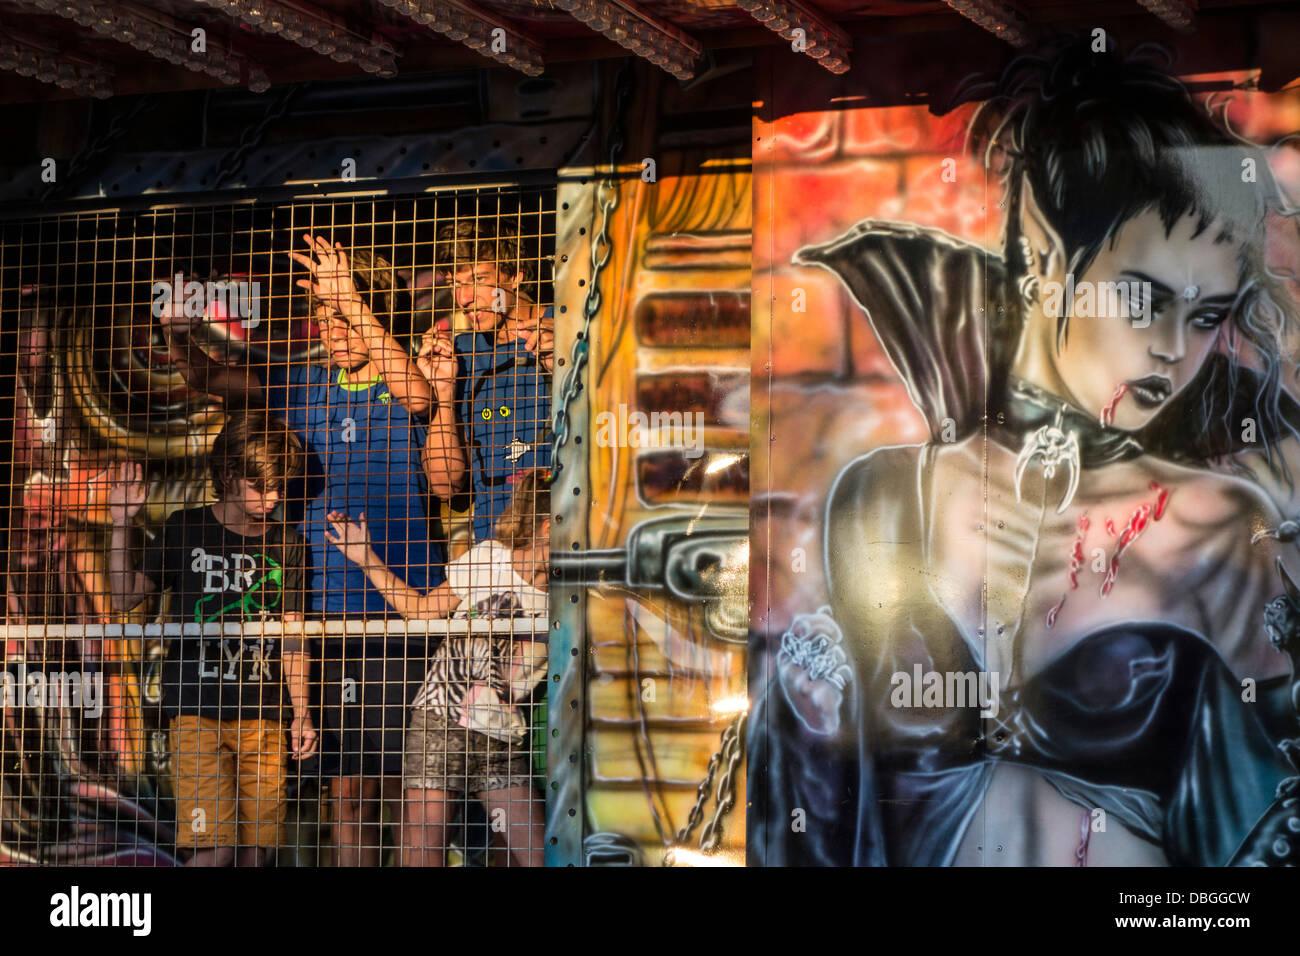 Les enfants de fairground attraction Haunted House à voyager fête foraine et voyager fun fair Photo Stock